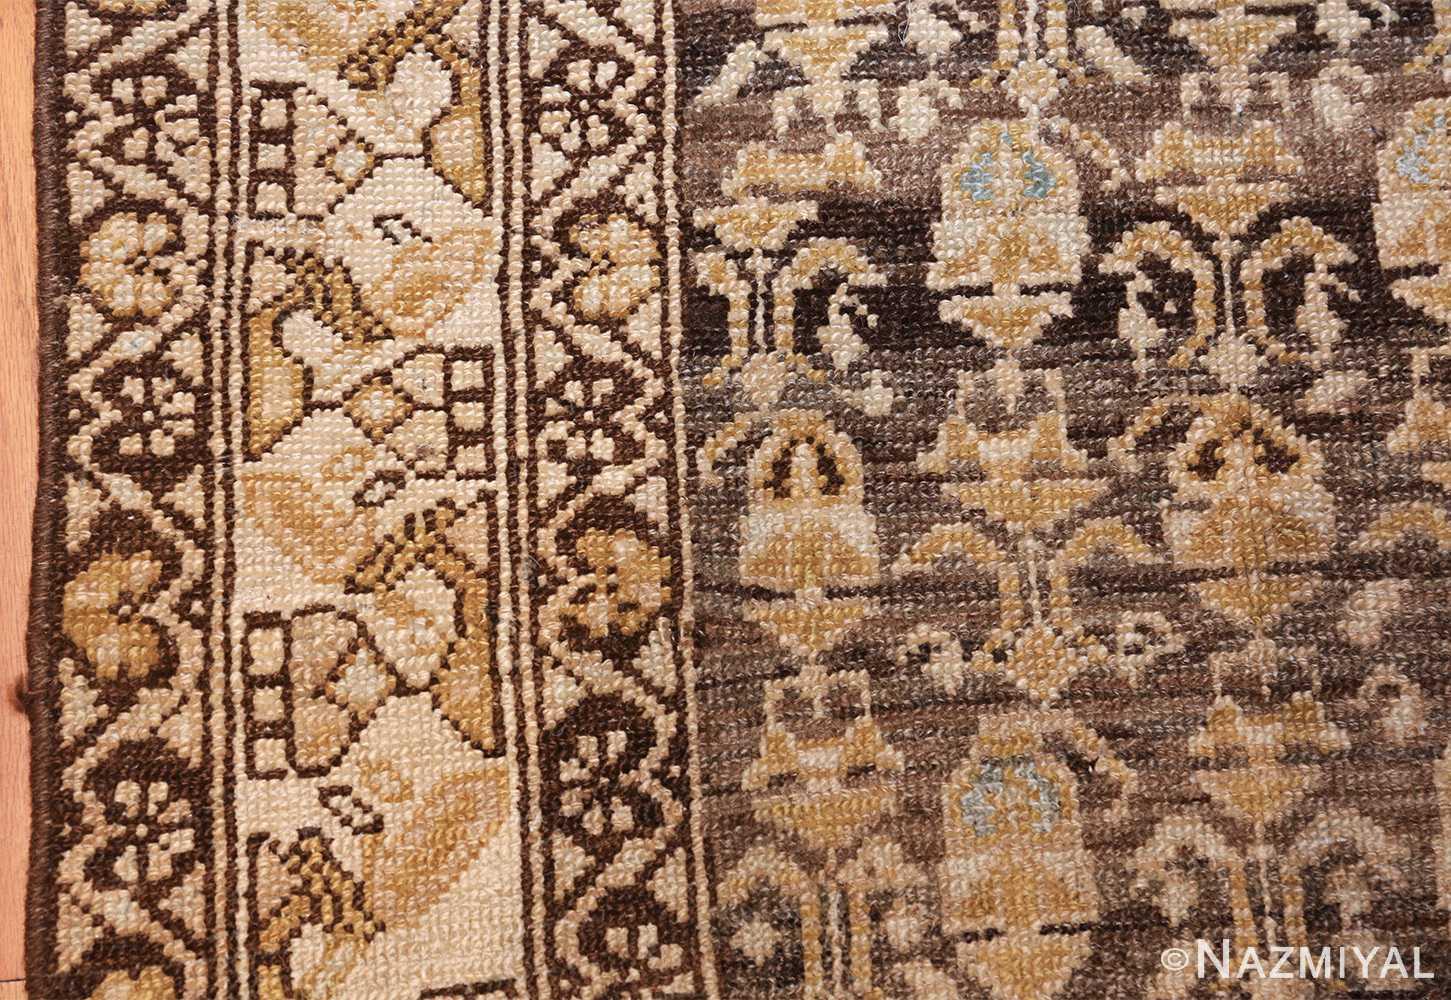 antique tribal malayer persian rug 49627 border Nazmiyal